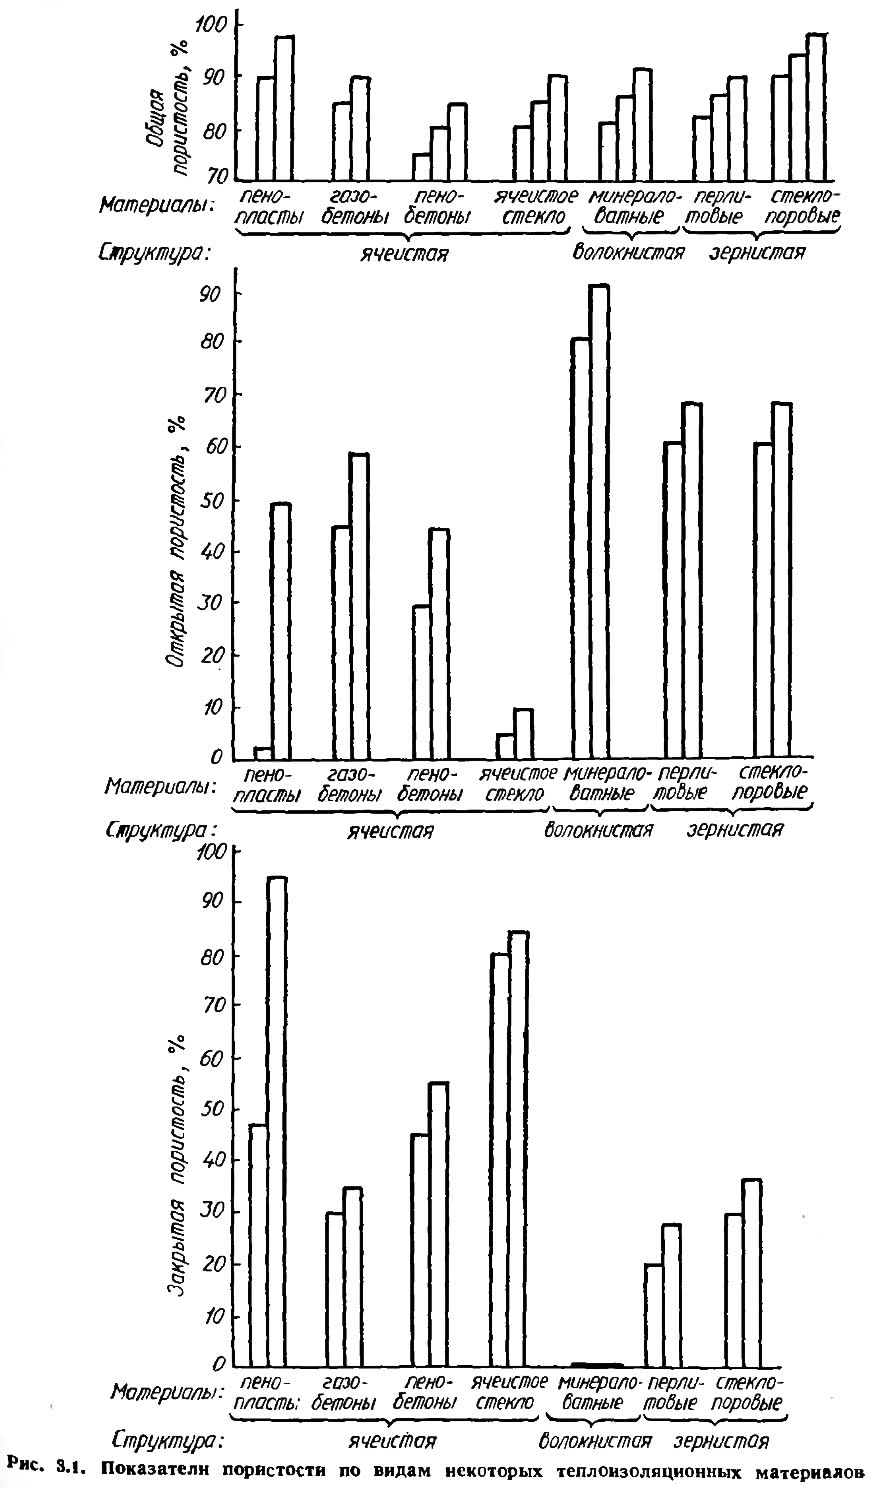 Рис. 3.1. Показатели пористости по видам некоторых теплоизоляционных материалов